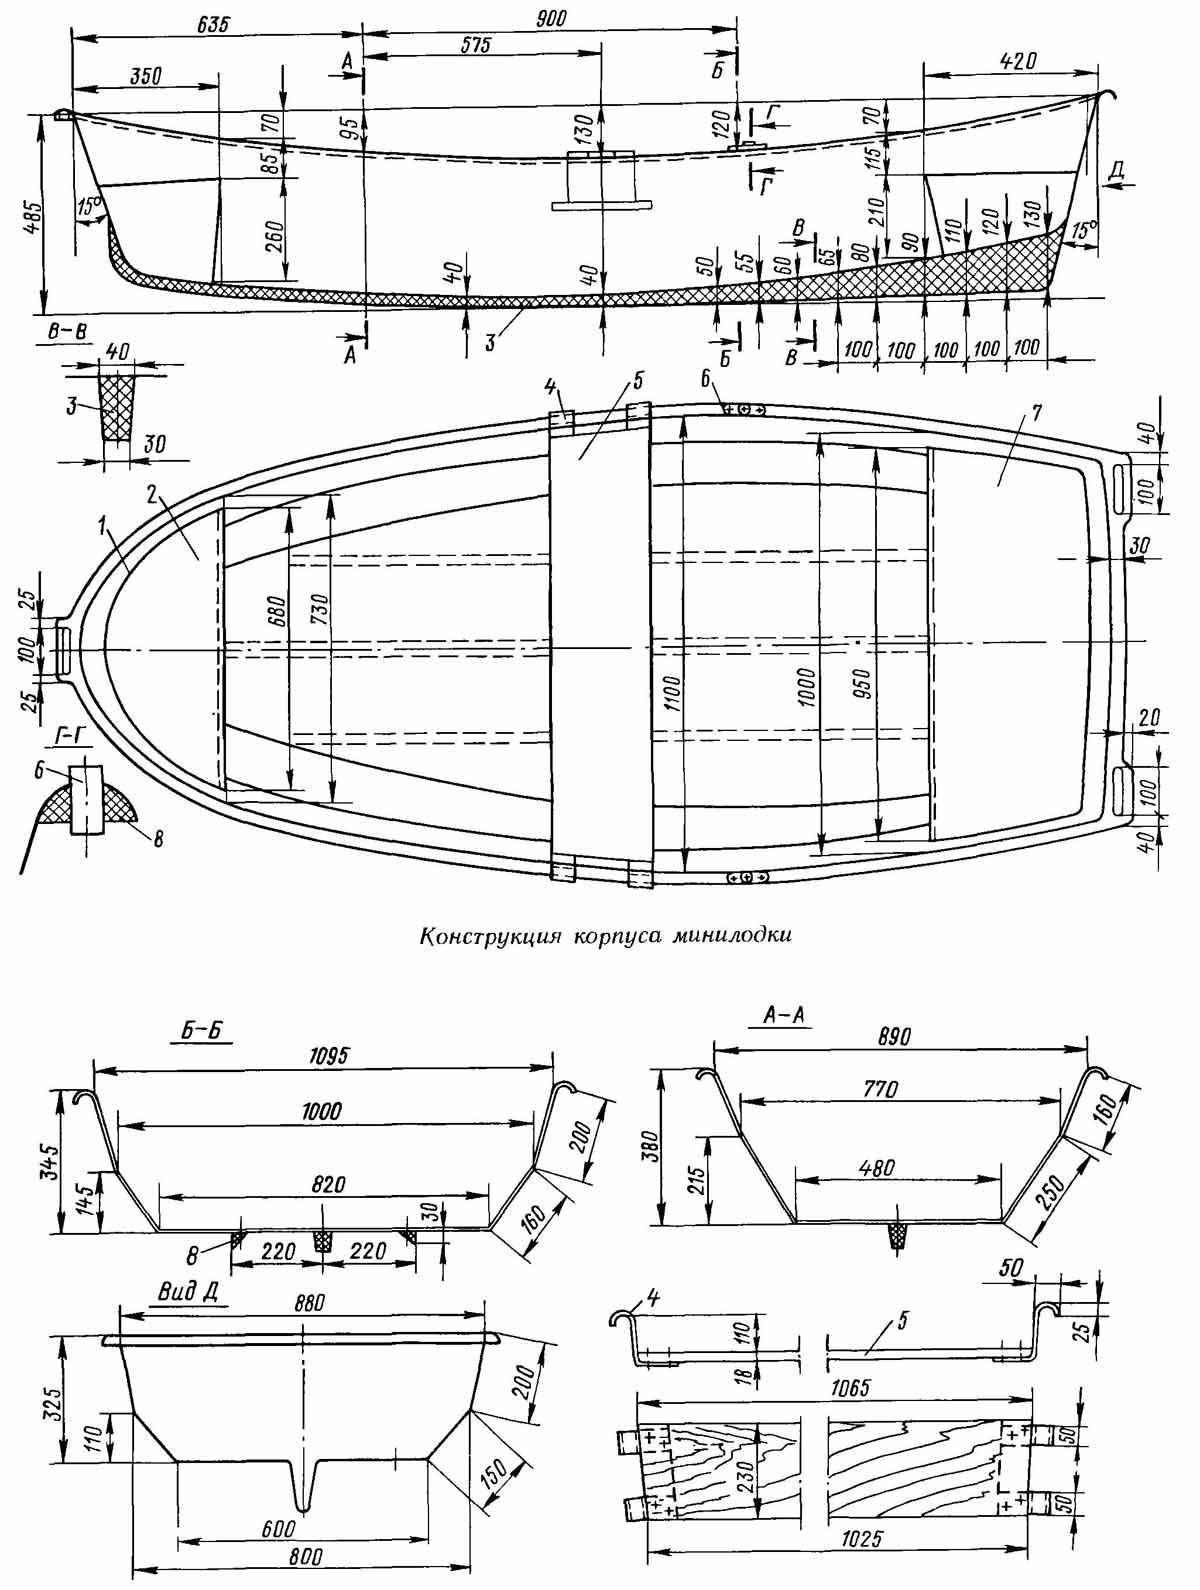 Лодка из фанеры своими руками - инструкция по изготовлению